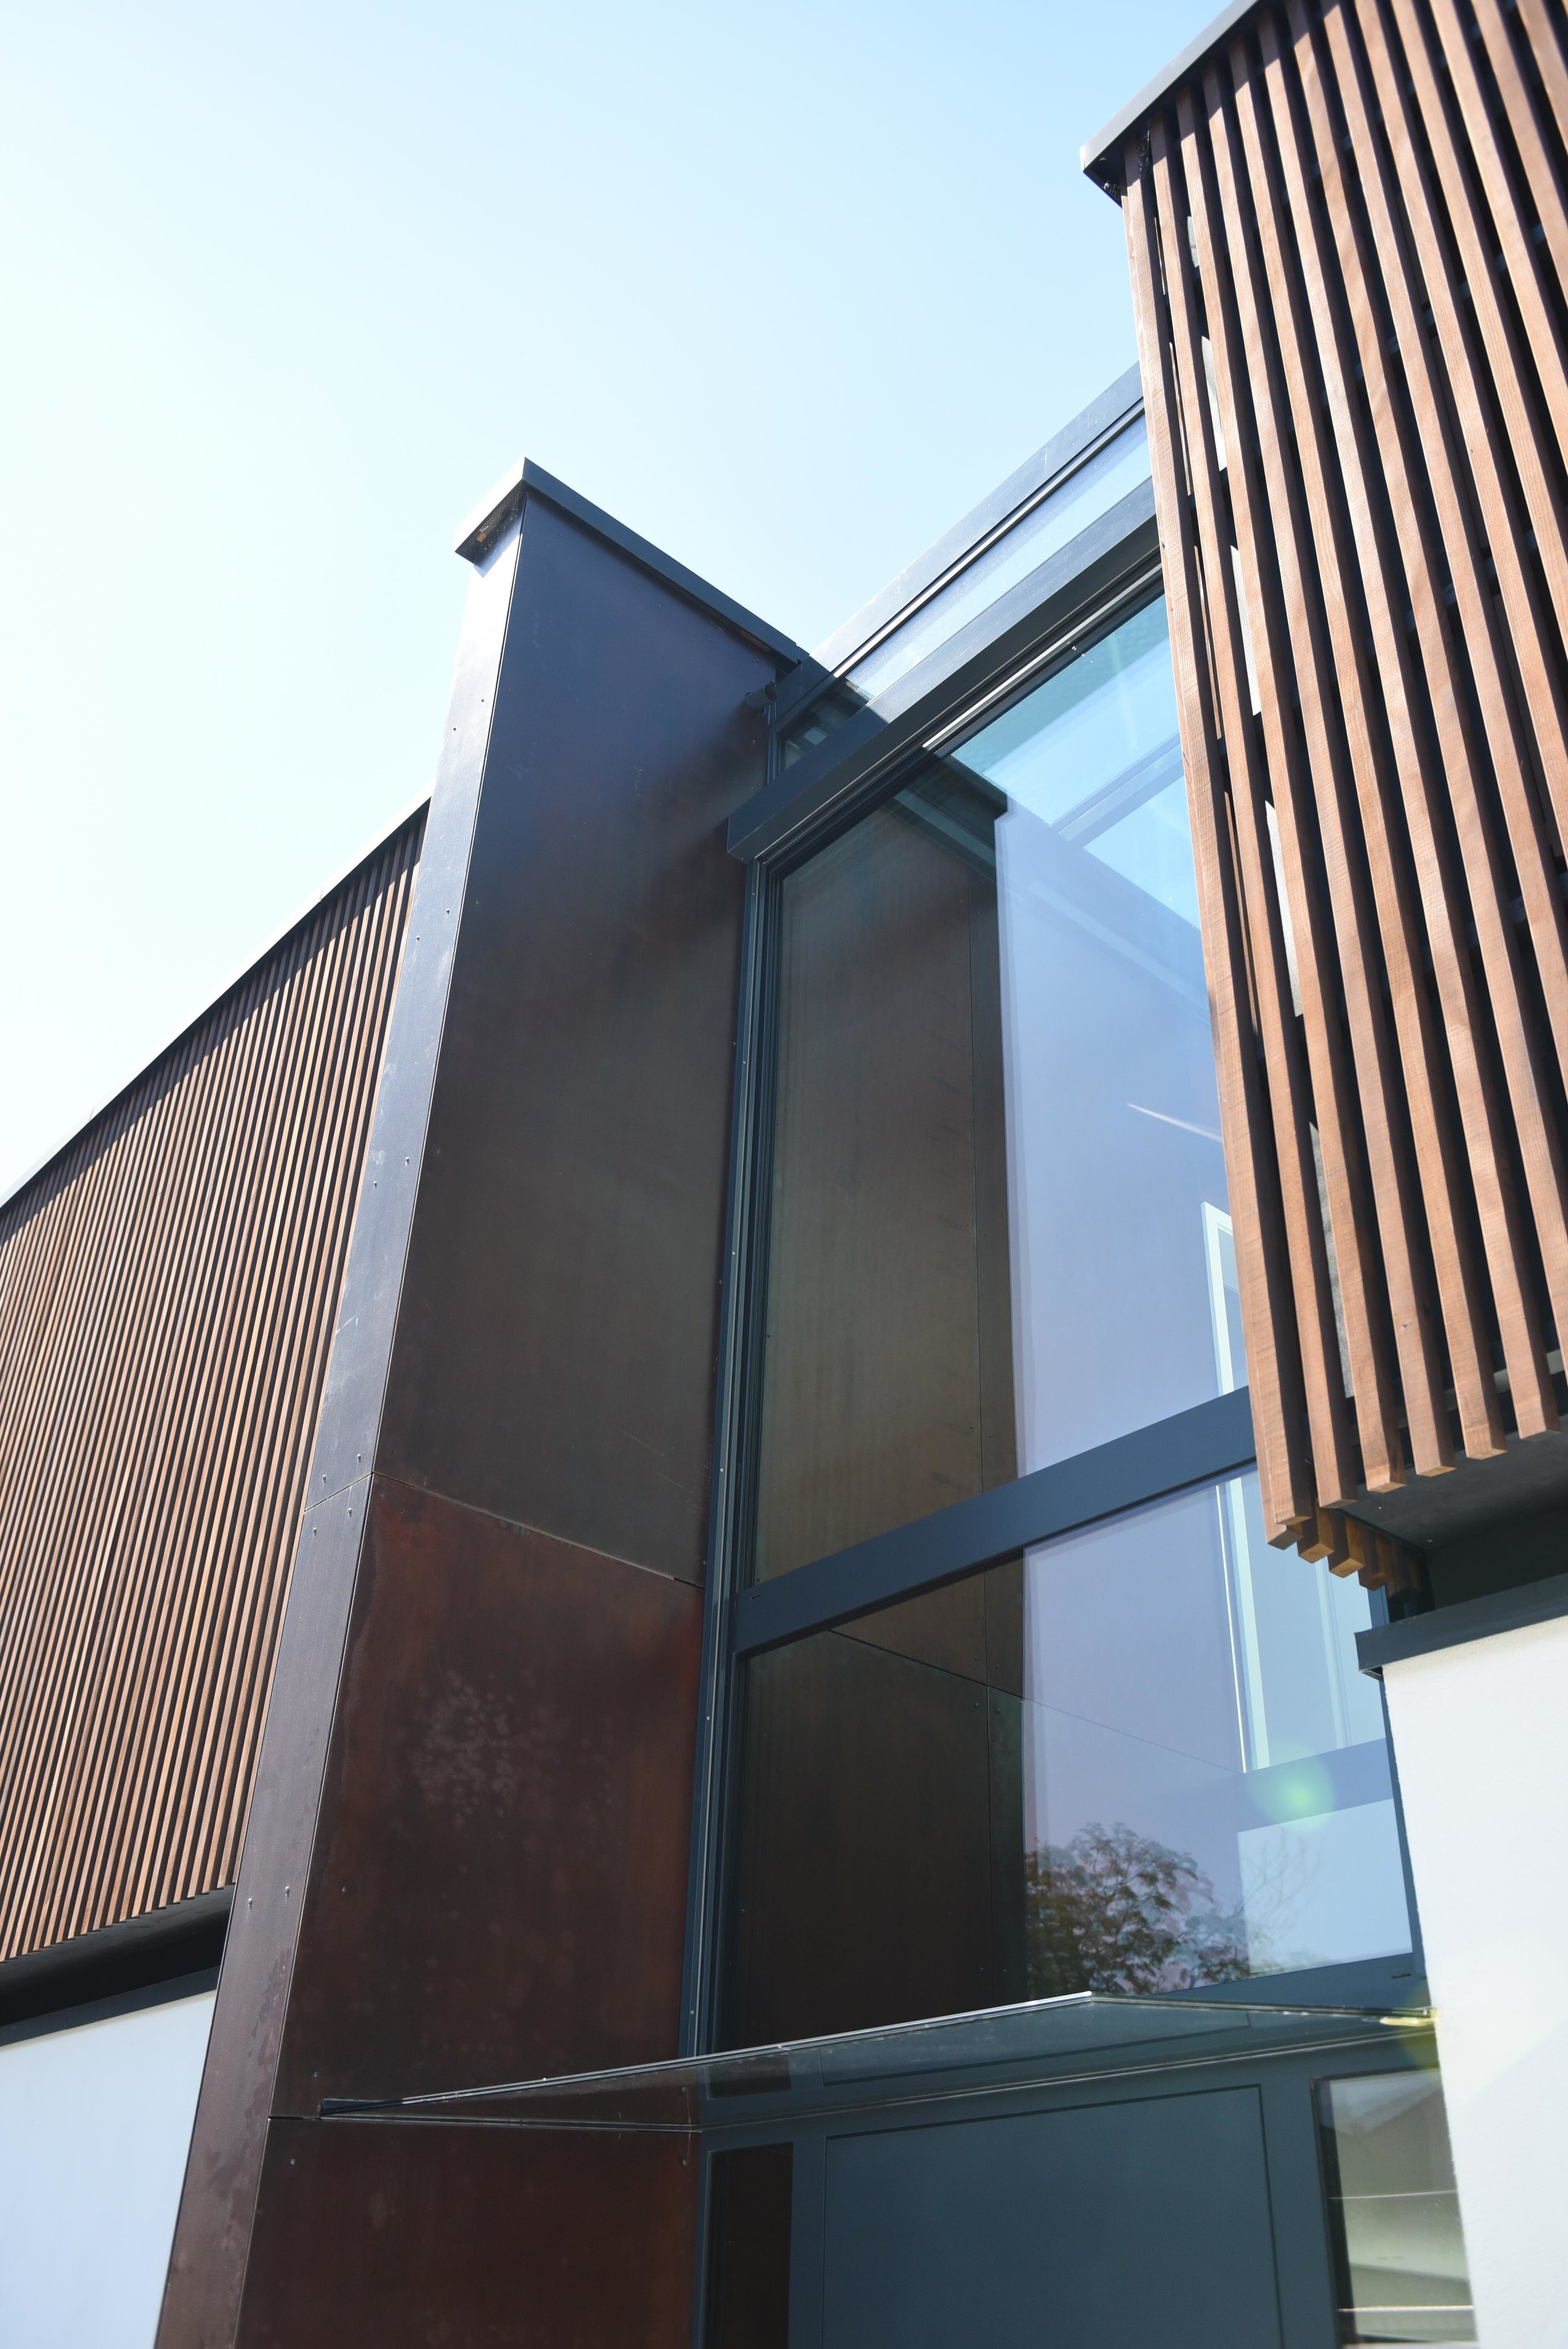 Einfamilienhaus mit Corten Stahl